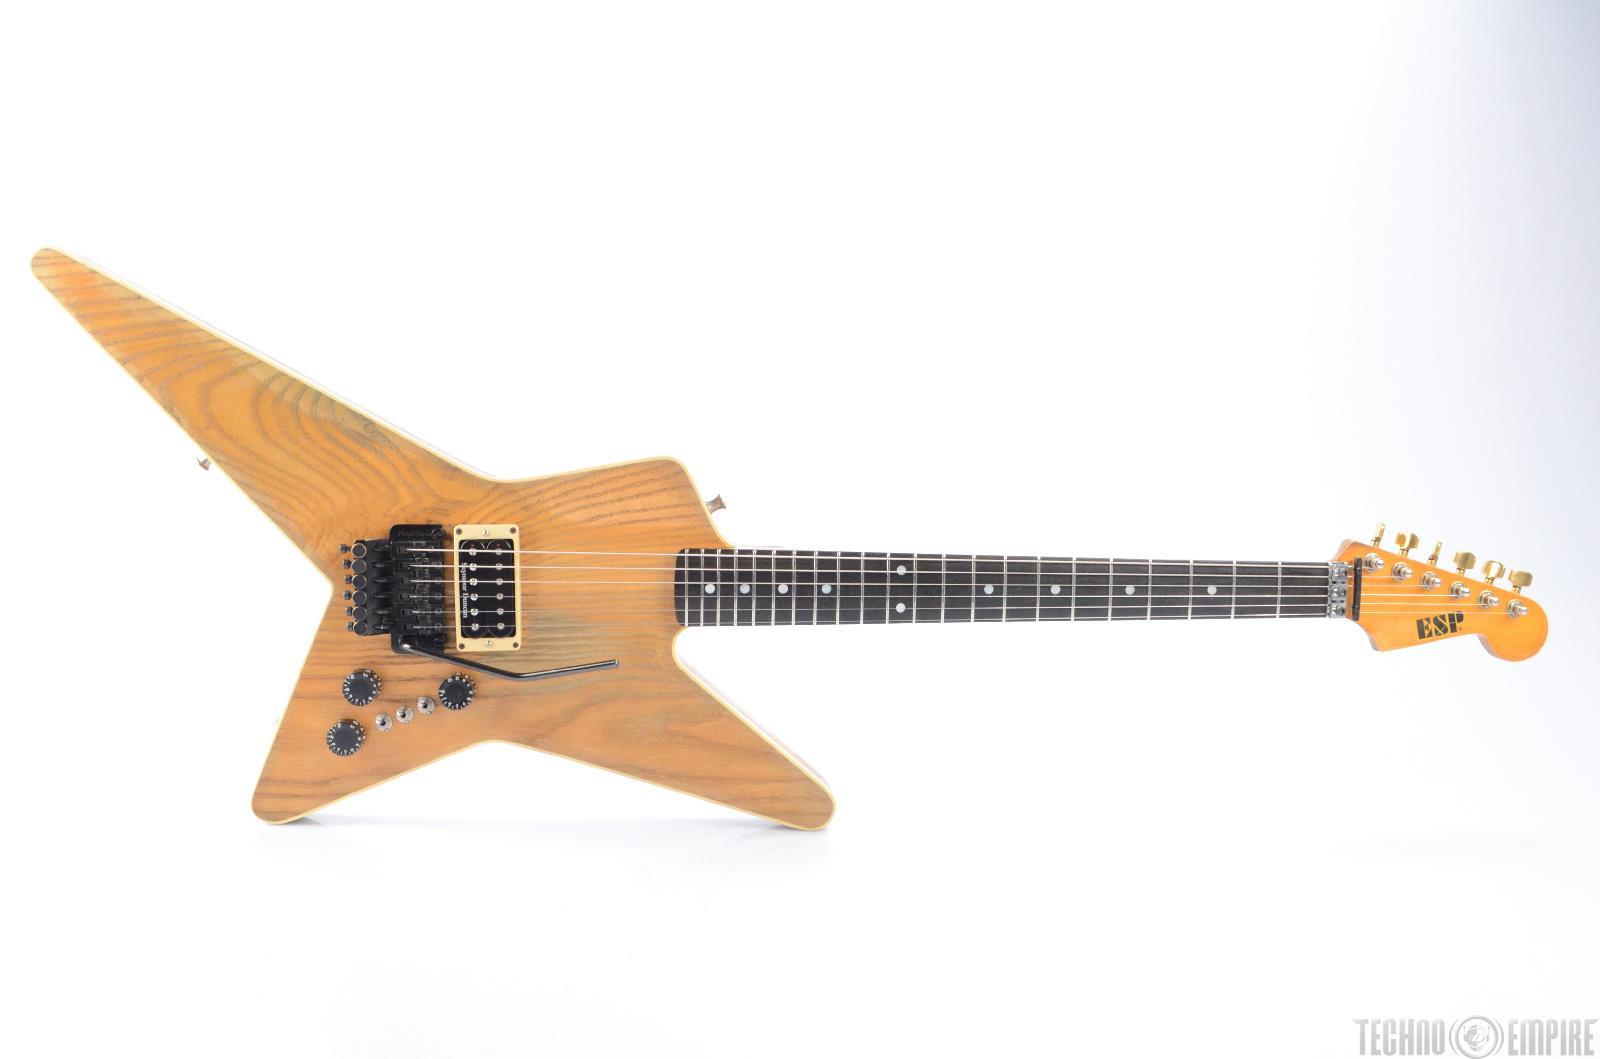 1981 Custom ESP / DIMARZIO Electric Guitar BOB KULICK KISS MEAT LOAF #20509